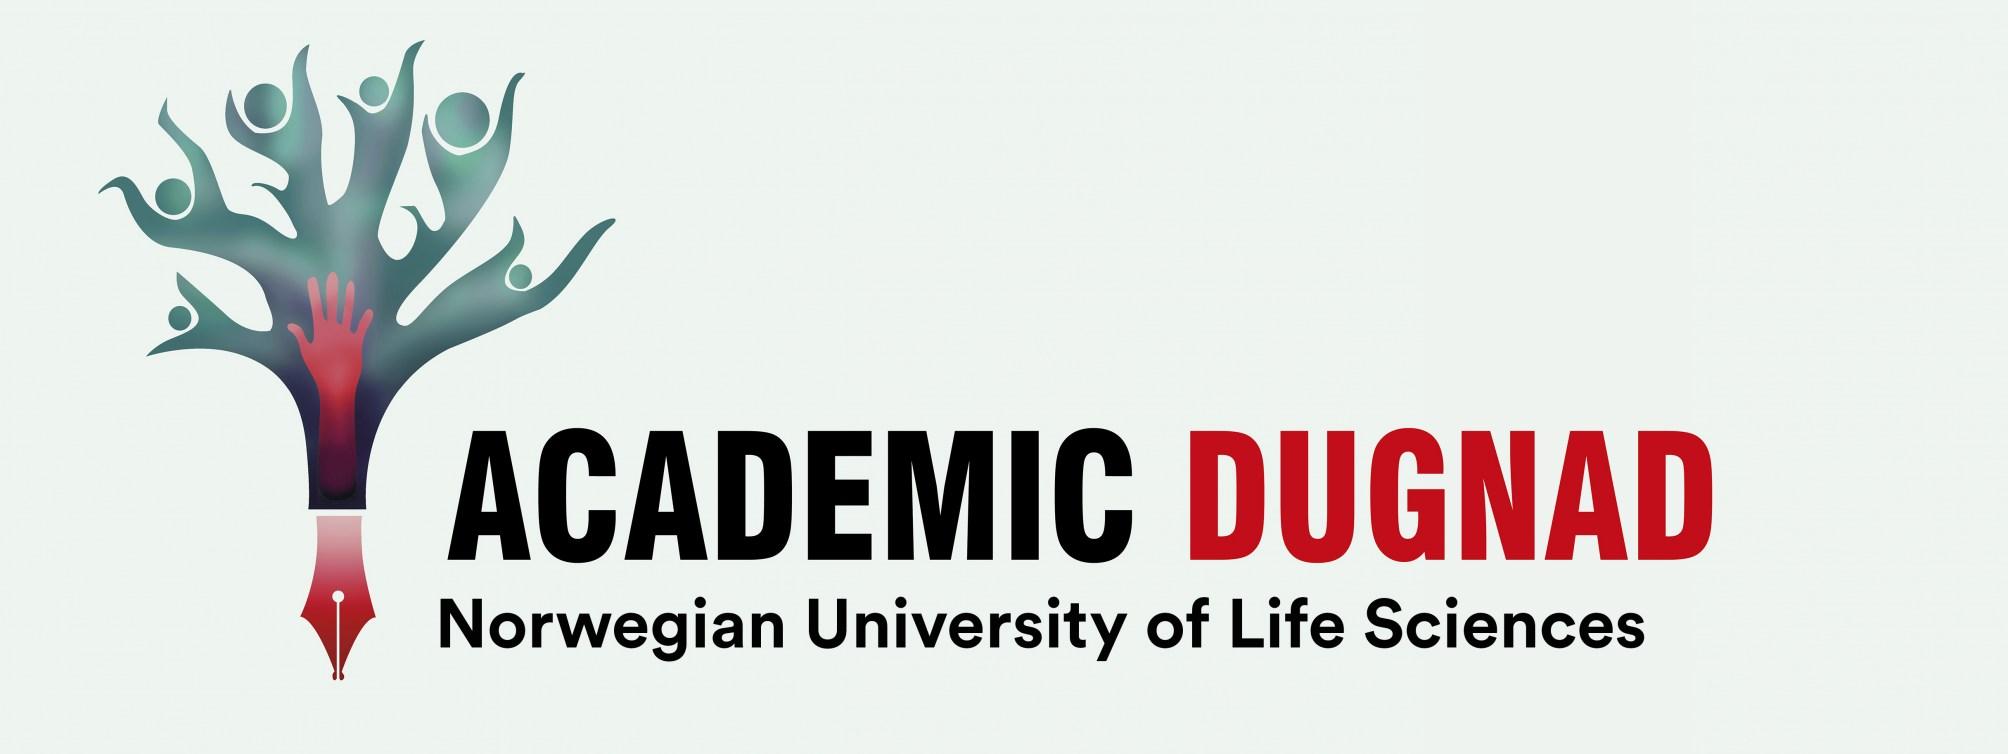 Academic Dugnad